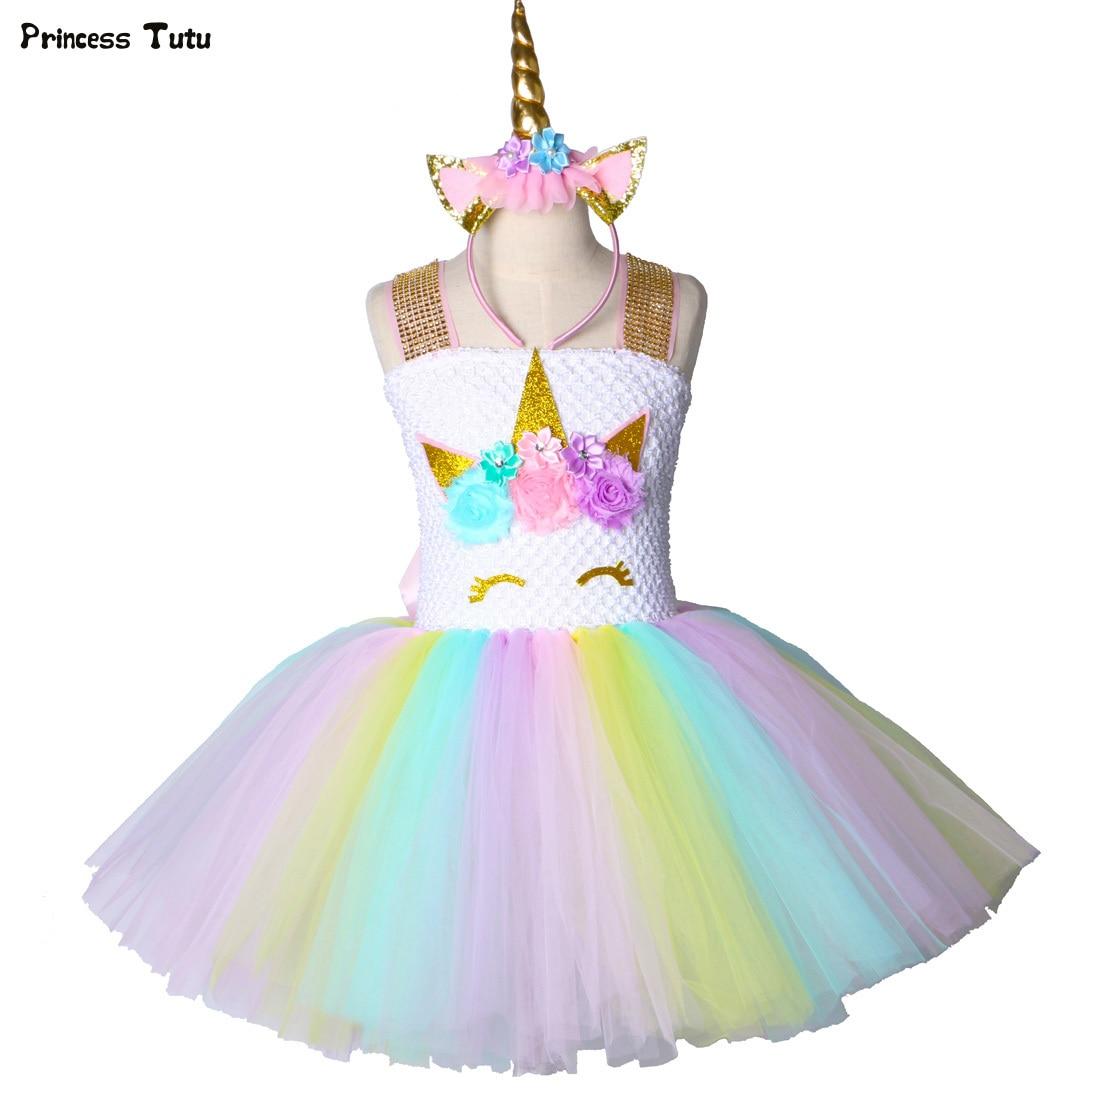 Bambini Ragazze Vestito Dal Tutu Arcobaleno Unicorno Bambini Principessa Birthday Party Dress Ragazze Di Natale Halloween Pony Cosplay Costume 1-14